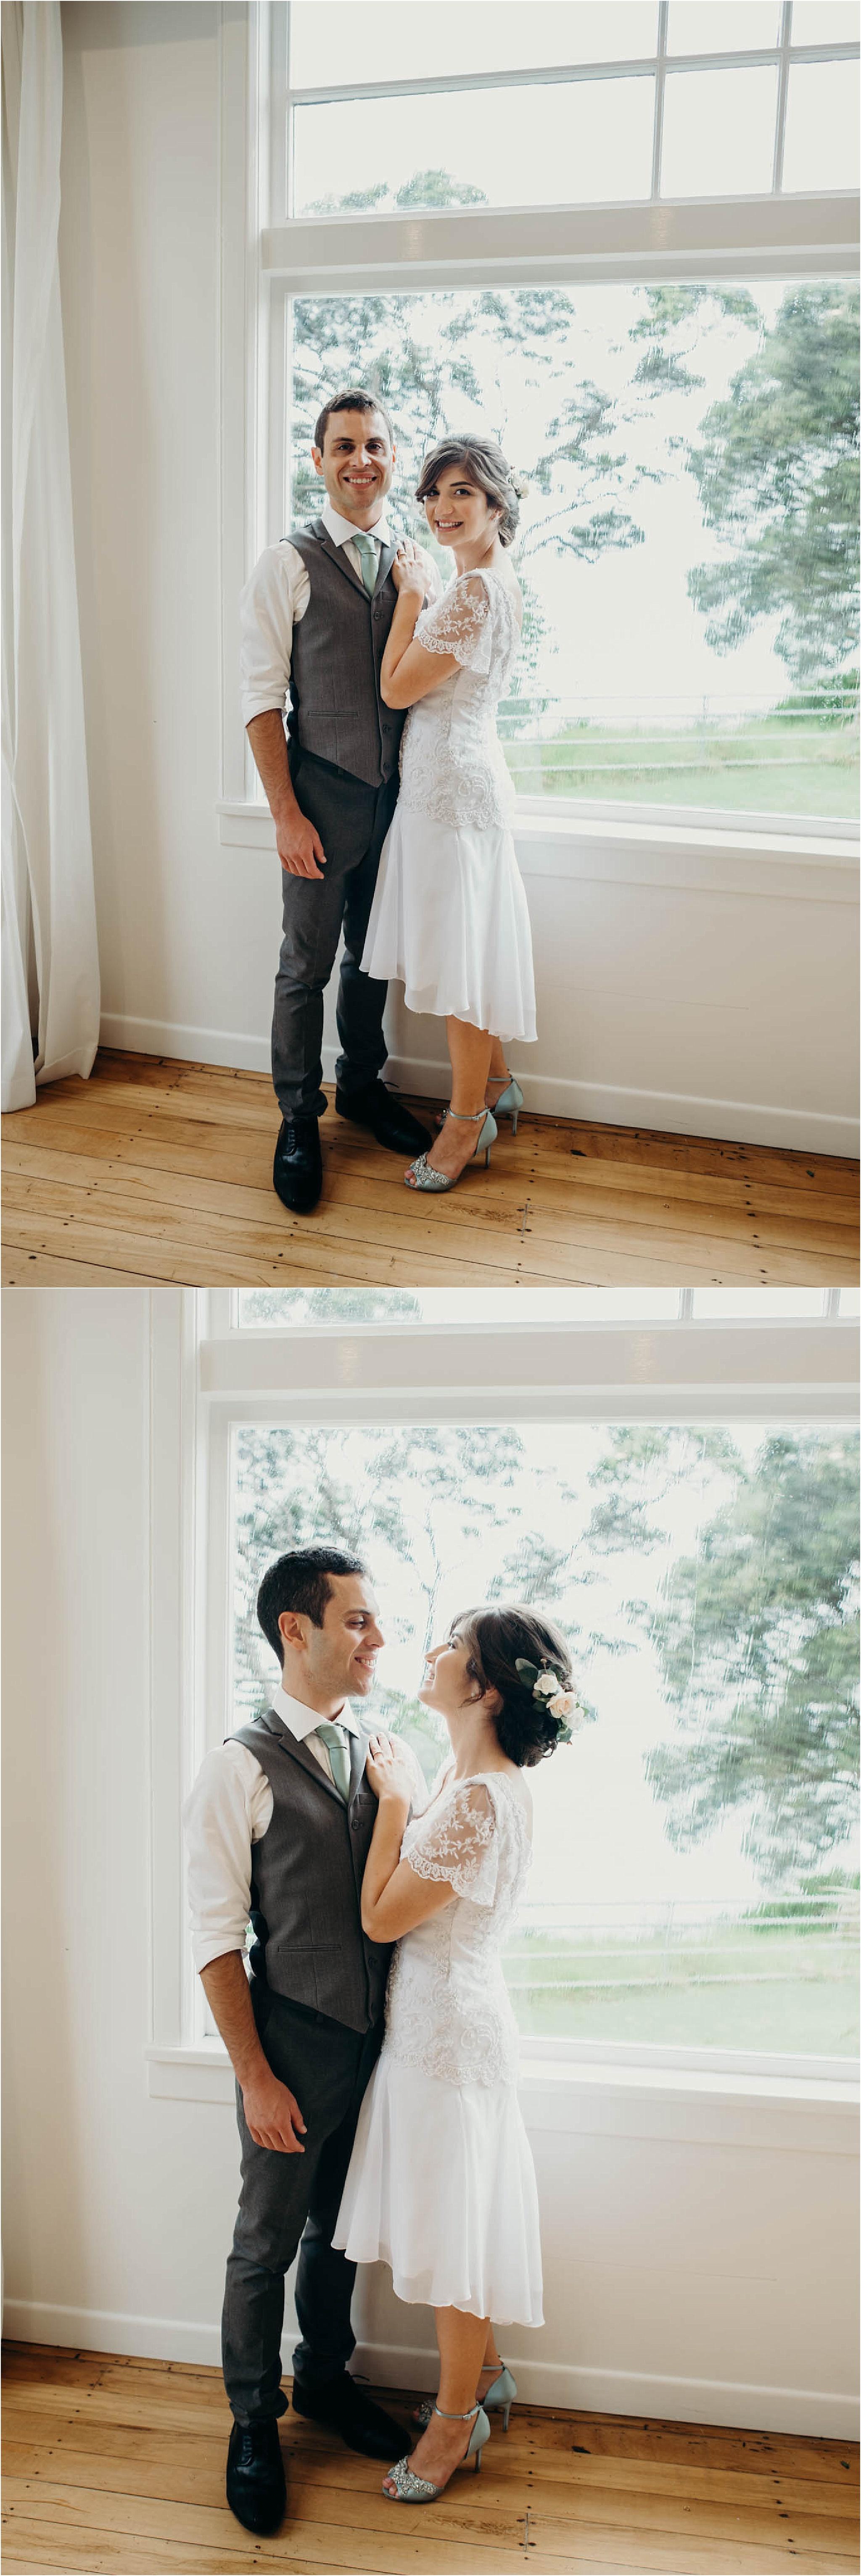 Auckland-Wedding-Photographer-Vanessa-Julian-Officers-Mess-Married_0014.jpg